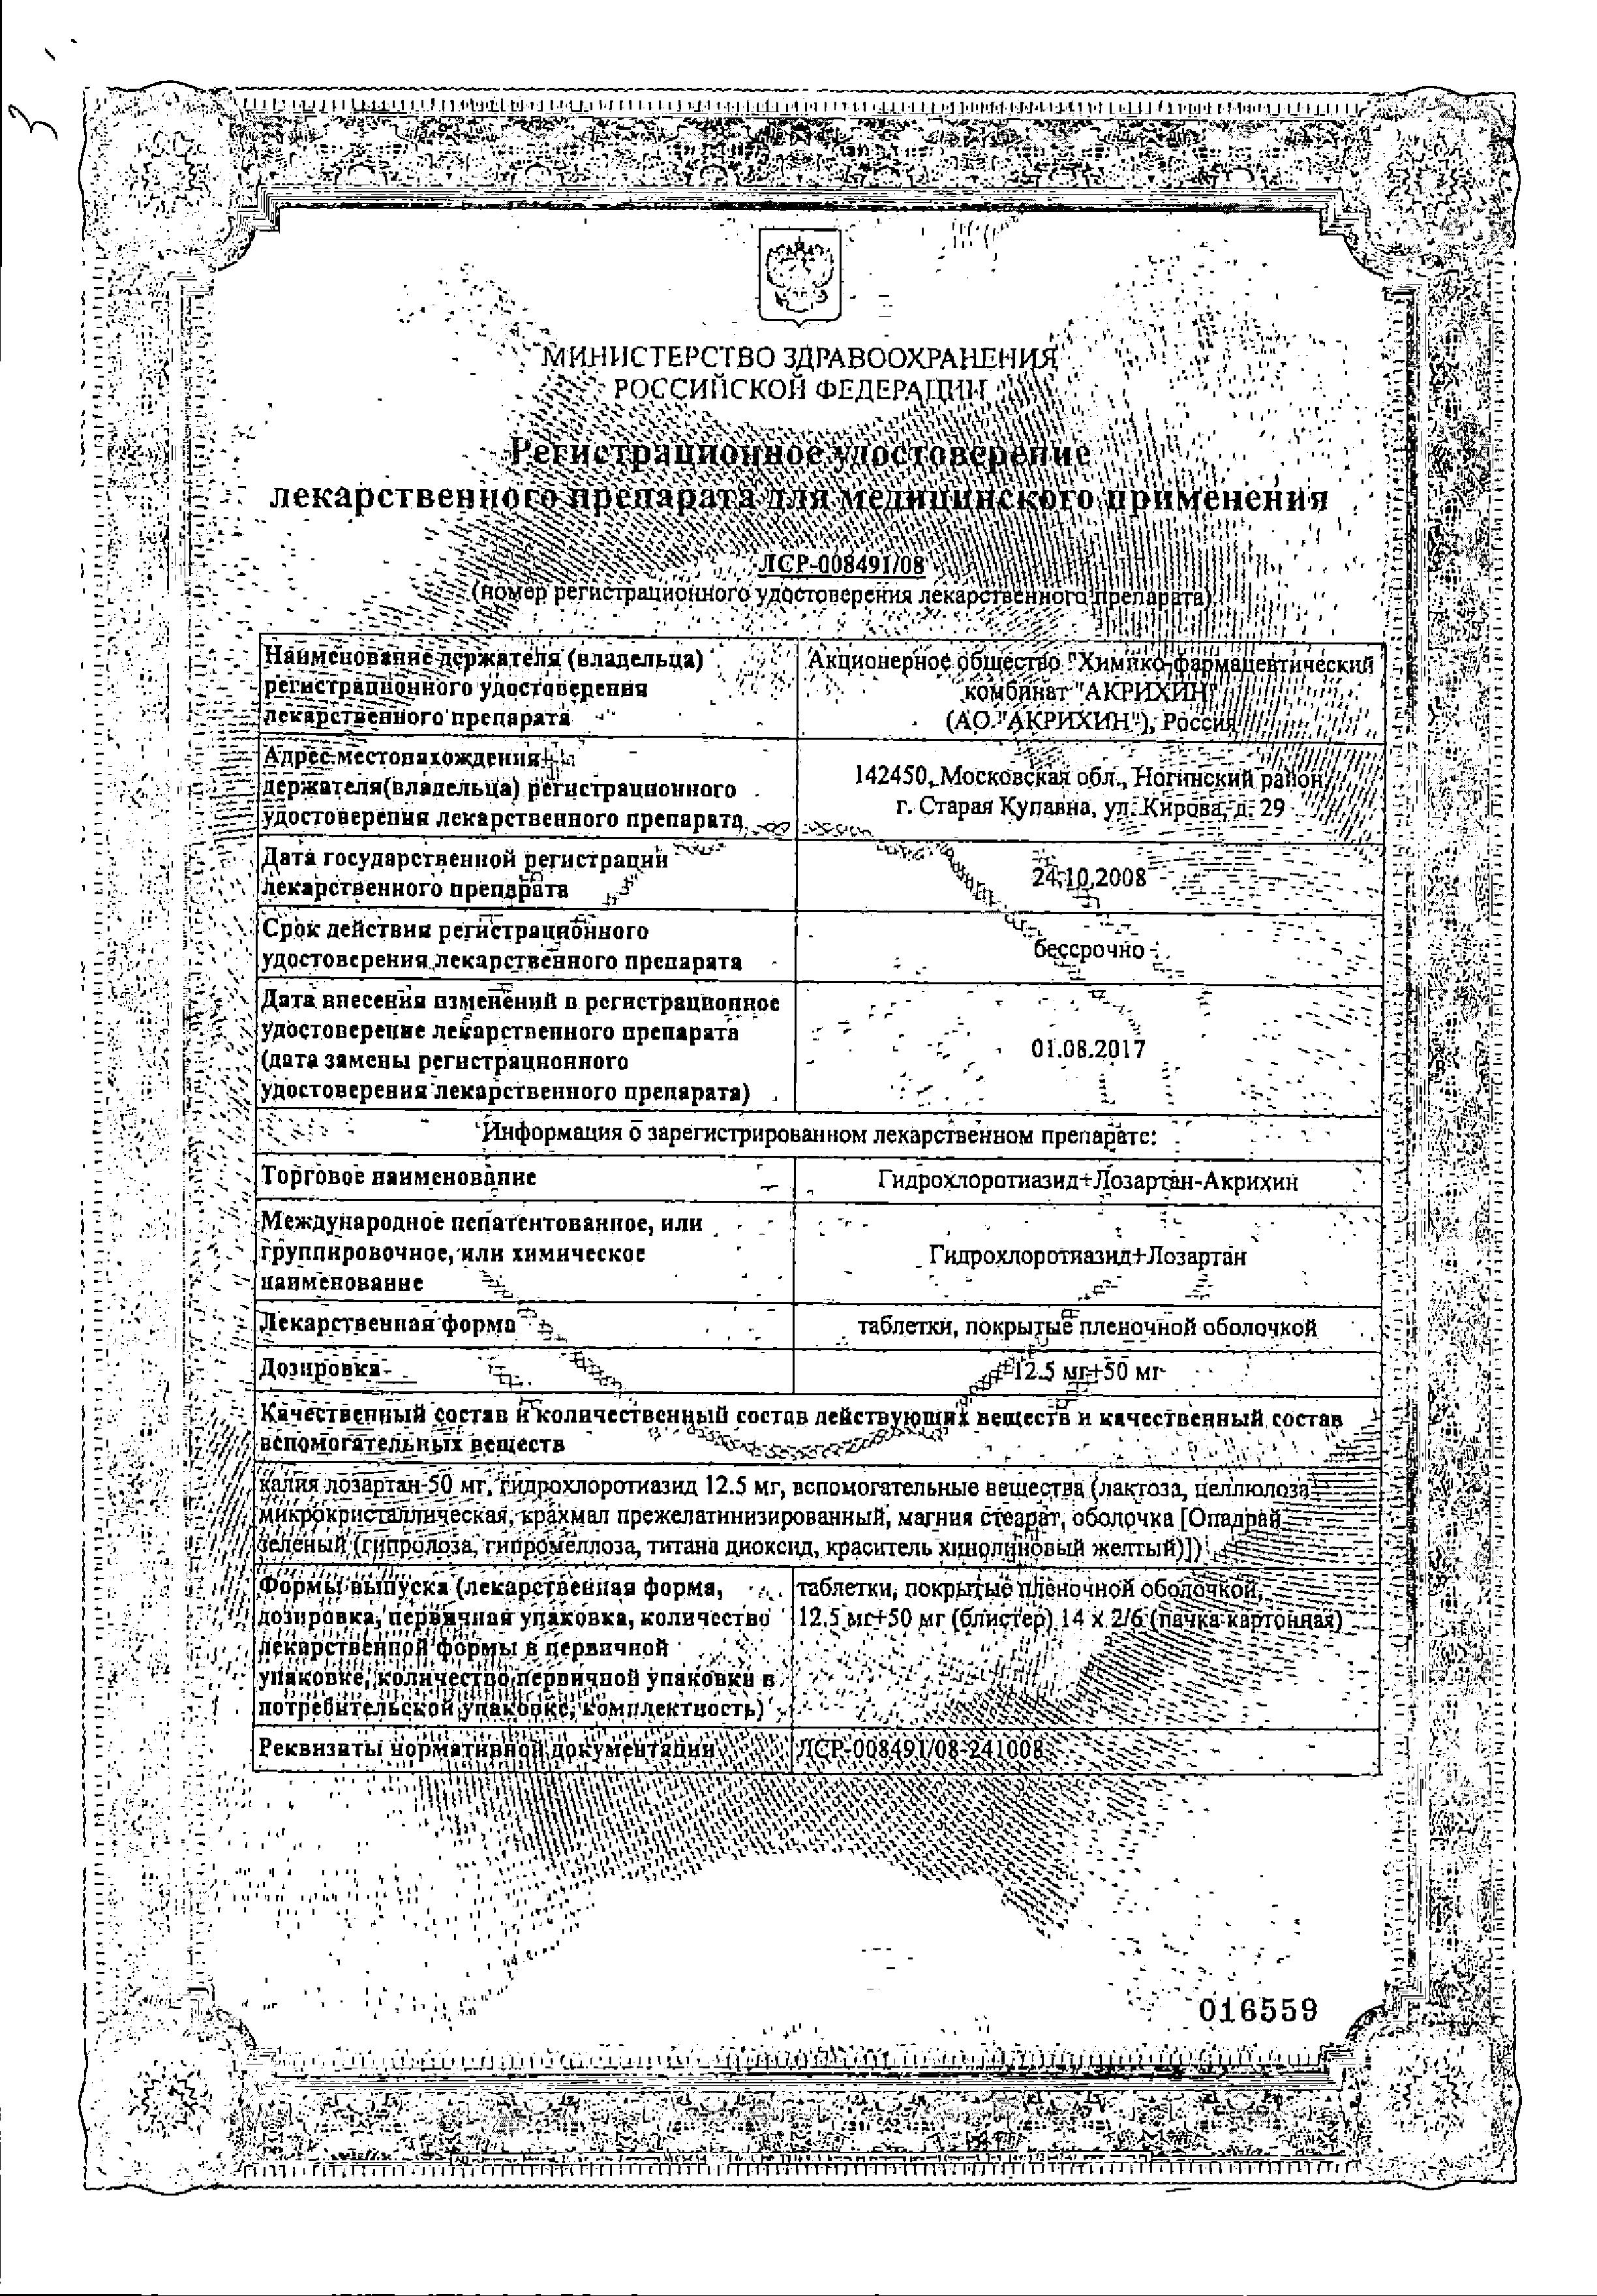 Гидрохлоротиазид+Лозартан-Акрихин сертификат